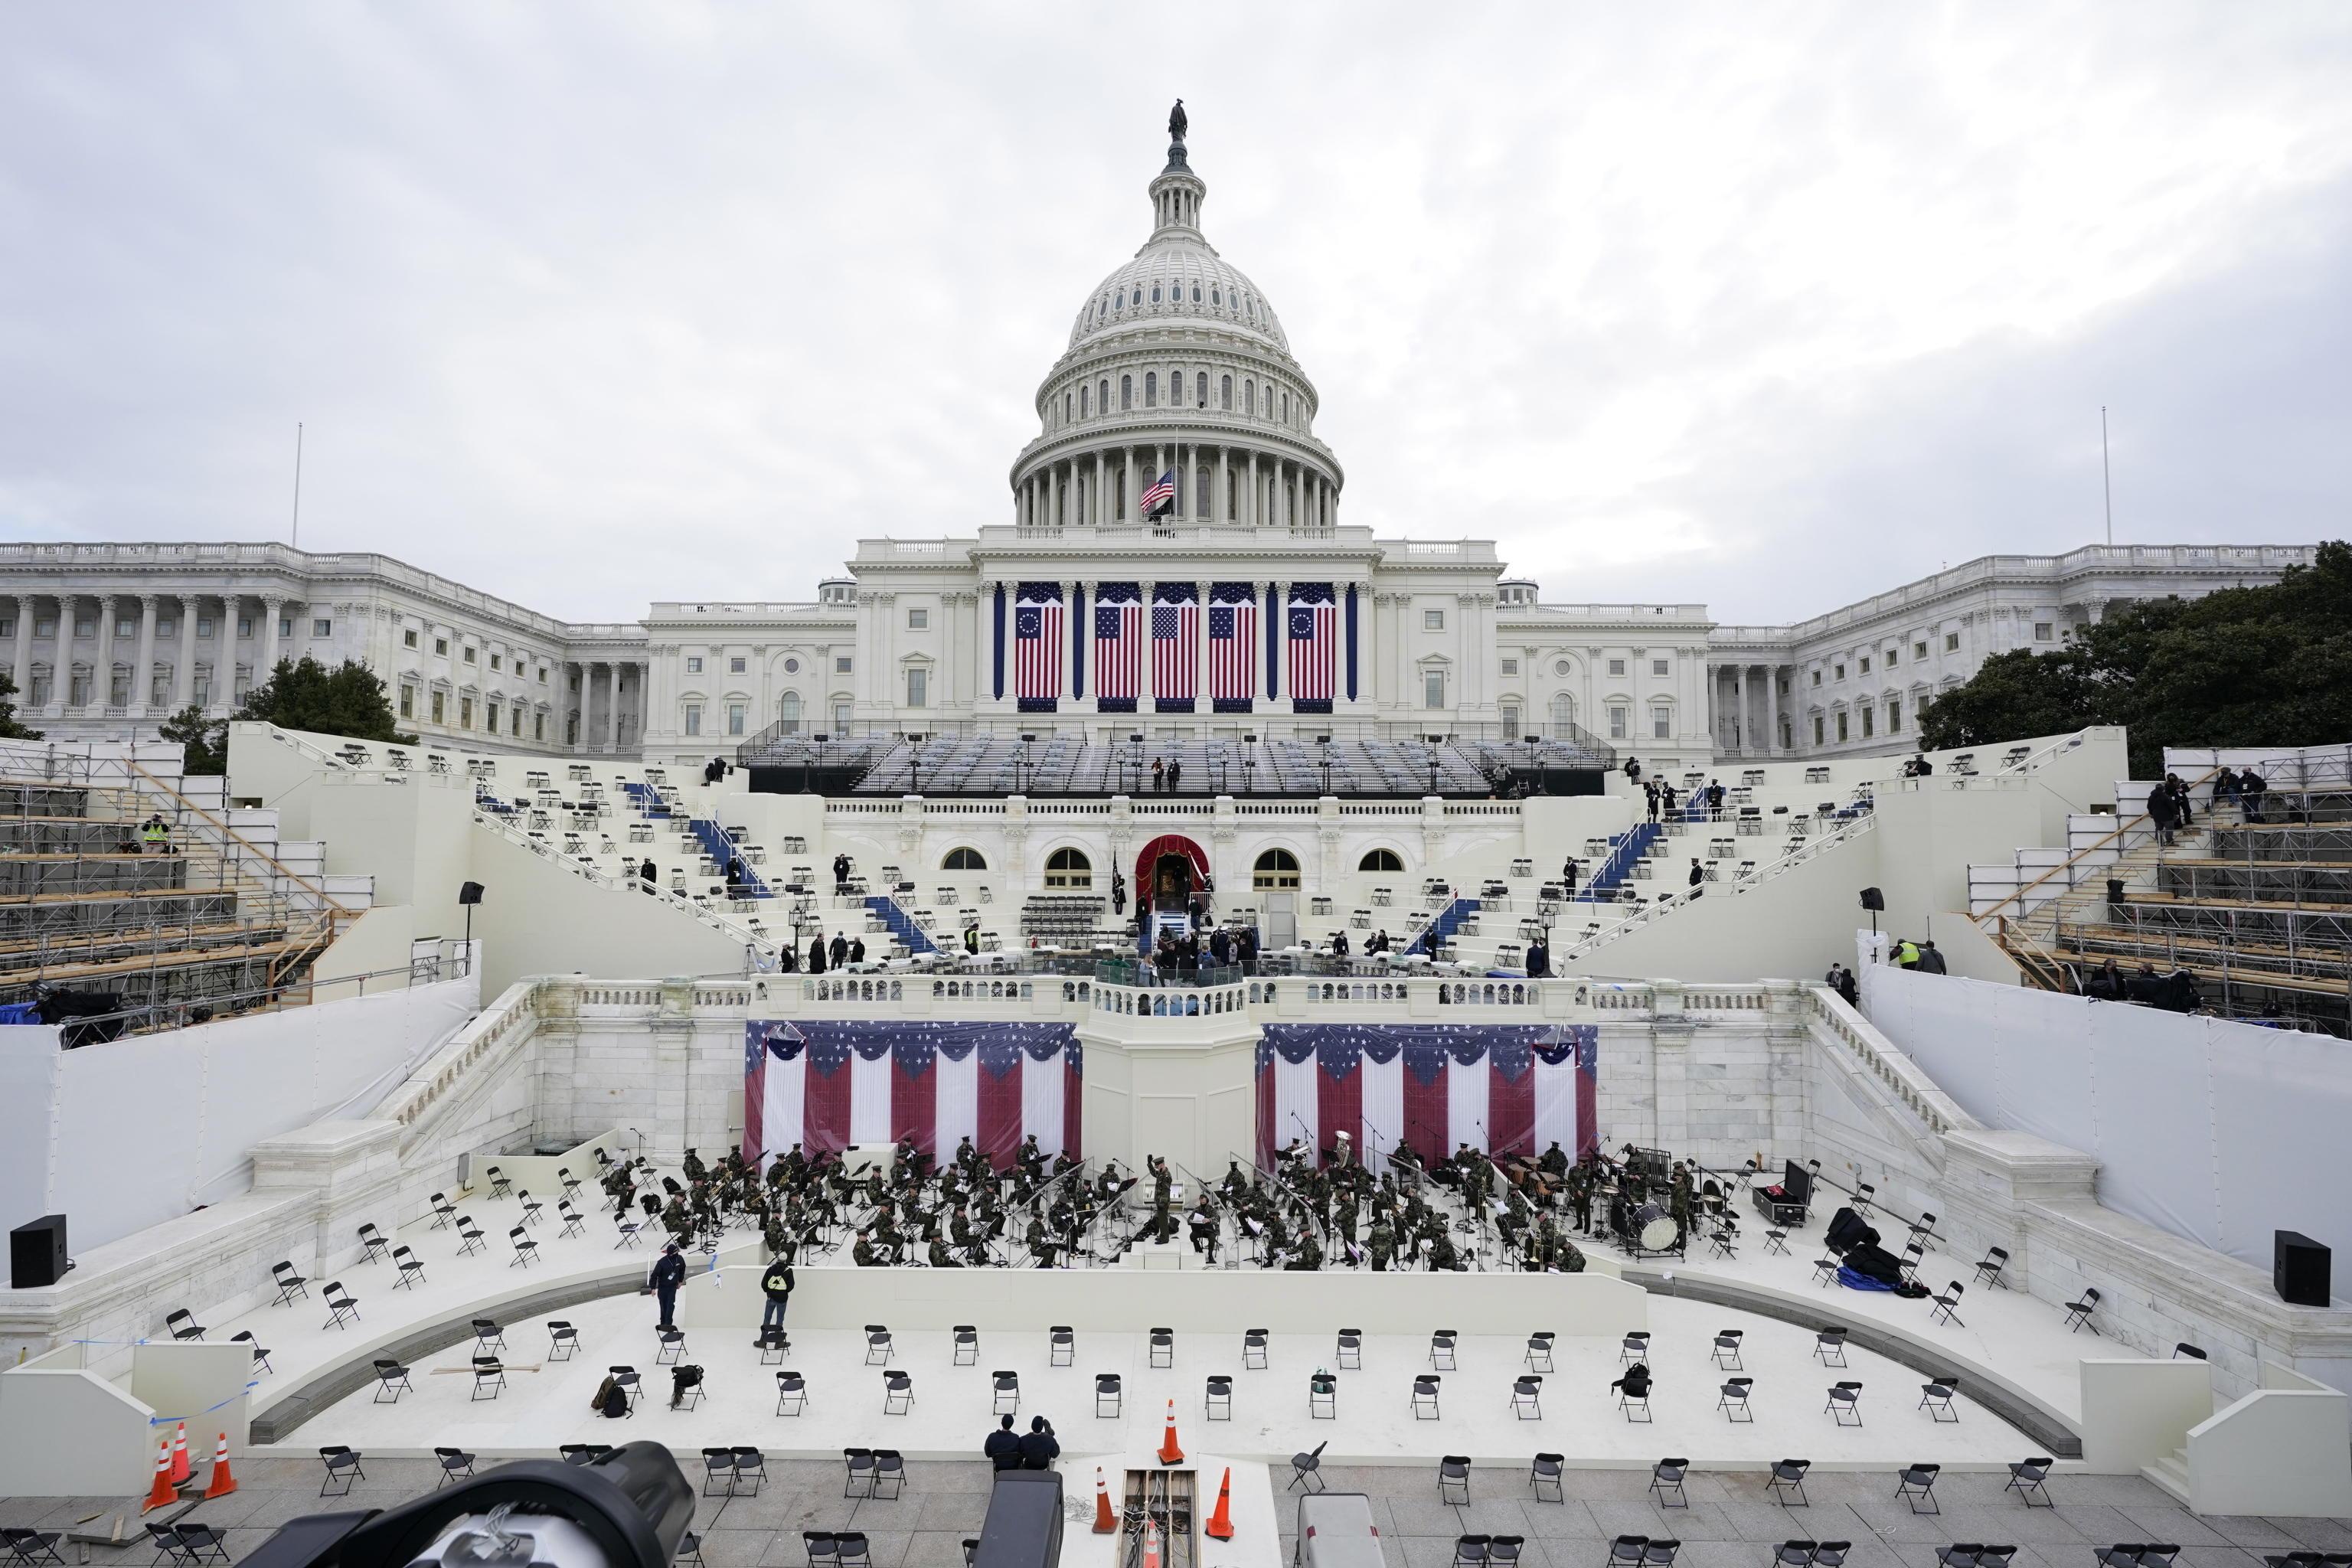 Usa, dallo stop alle esecuzioni federali al ritiro del Muslim ban: così Biden aprirà i suoi giorni alla Casa Bianca